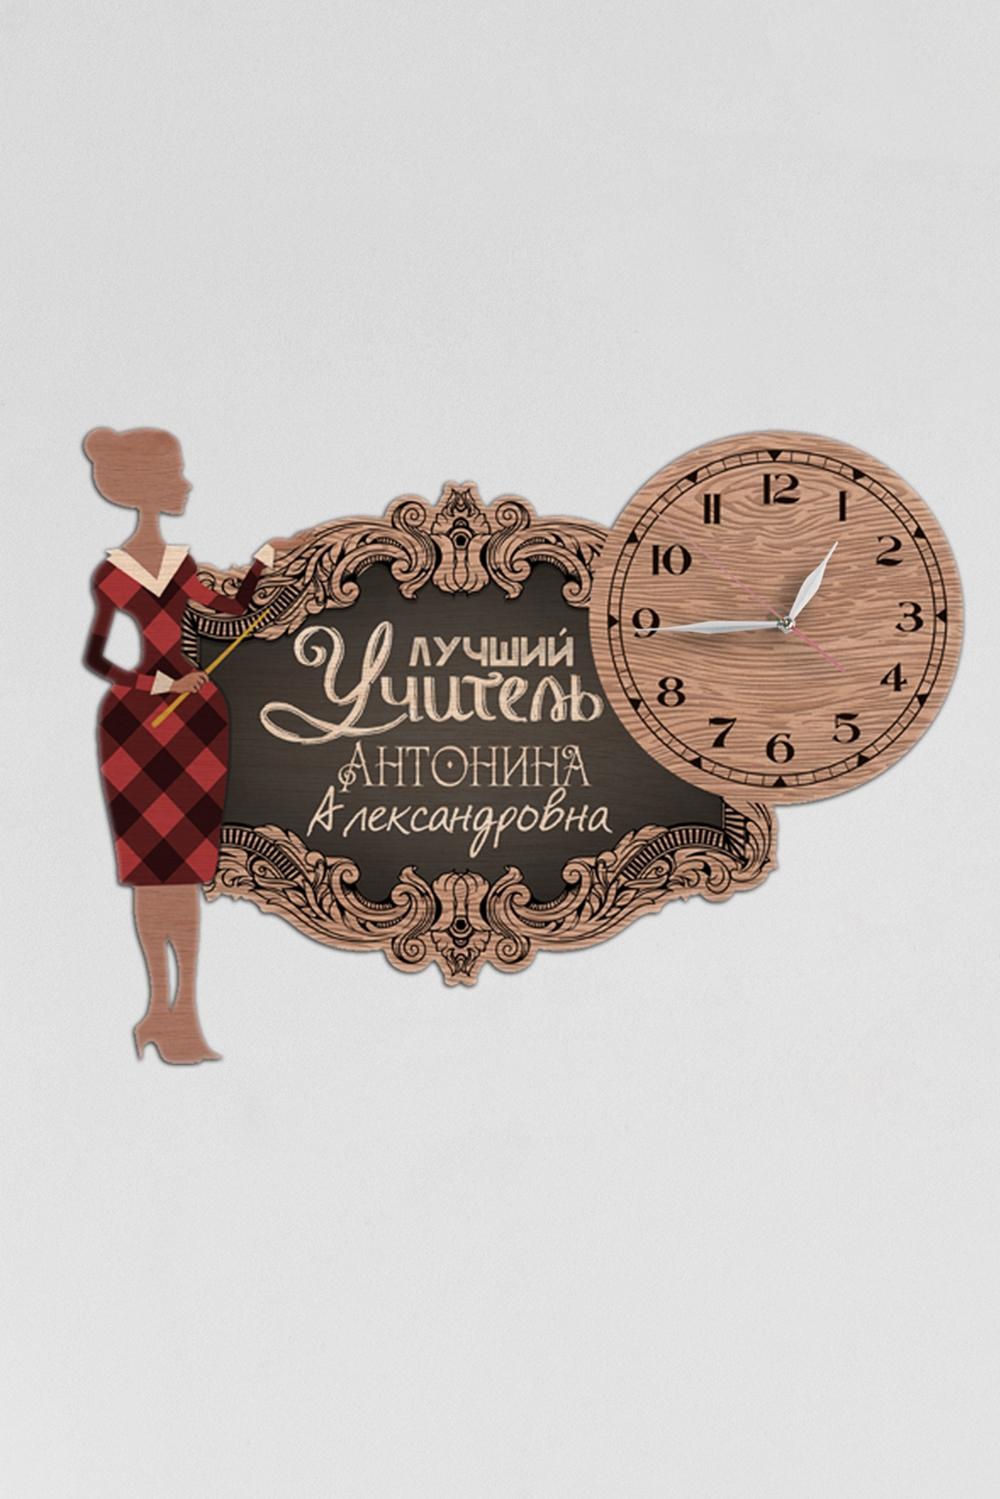 Часы с Вашим именем Время знанийПодарки ко дню рождения<br>Оригинальные часы с именной надписью, размер 42Х30см, толщина 0,5 см, материал: МДФ<br>